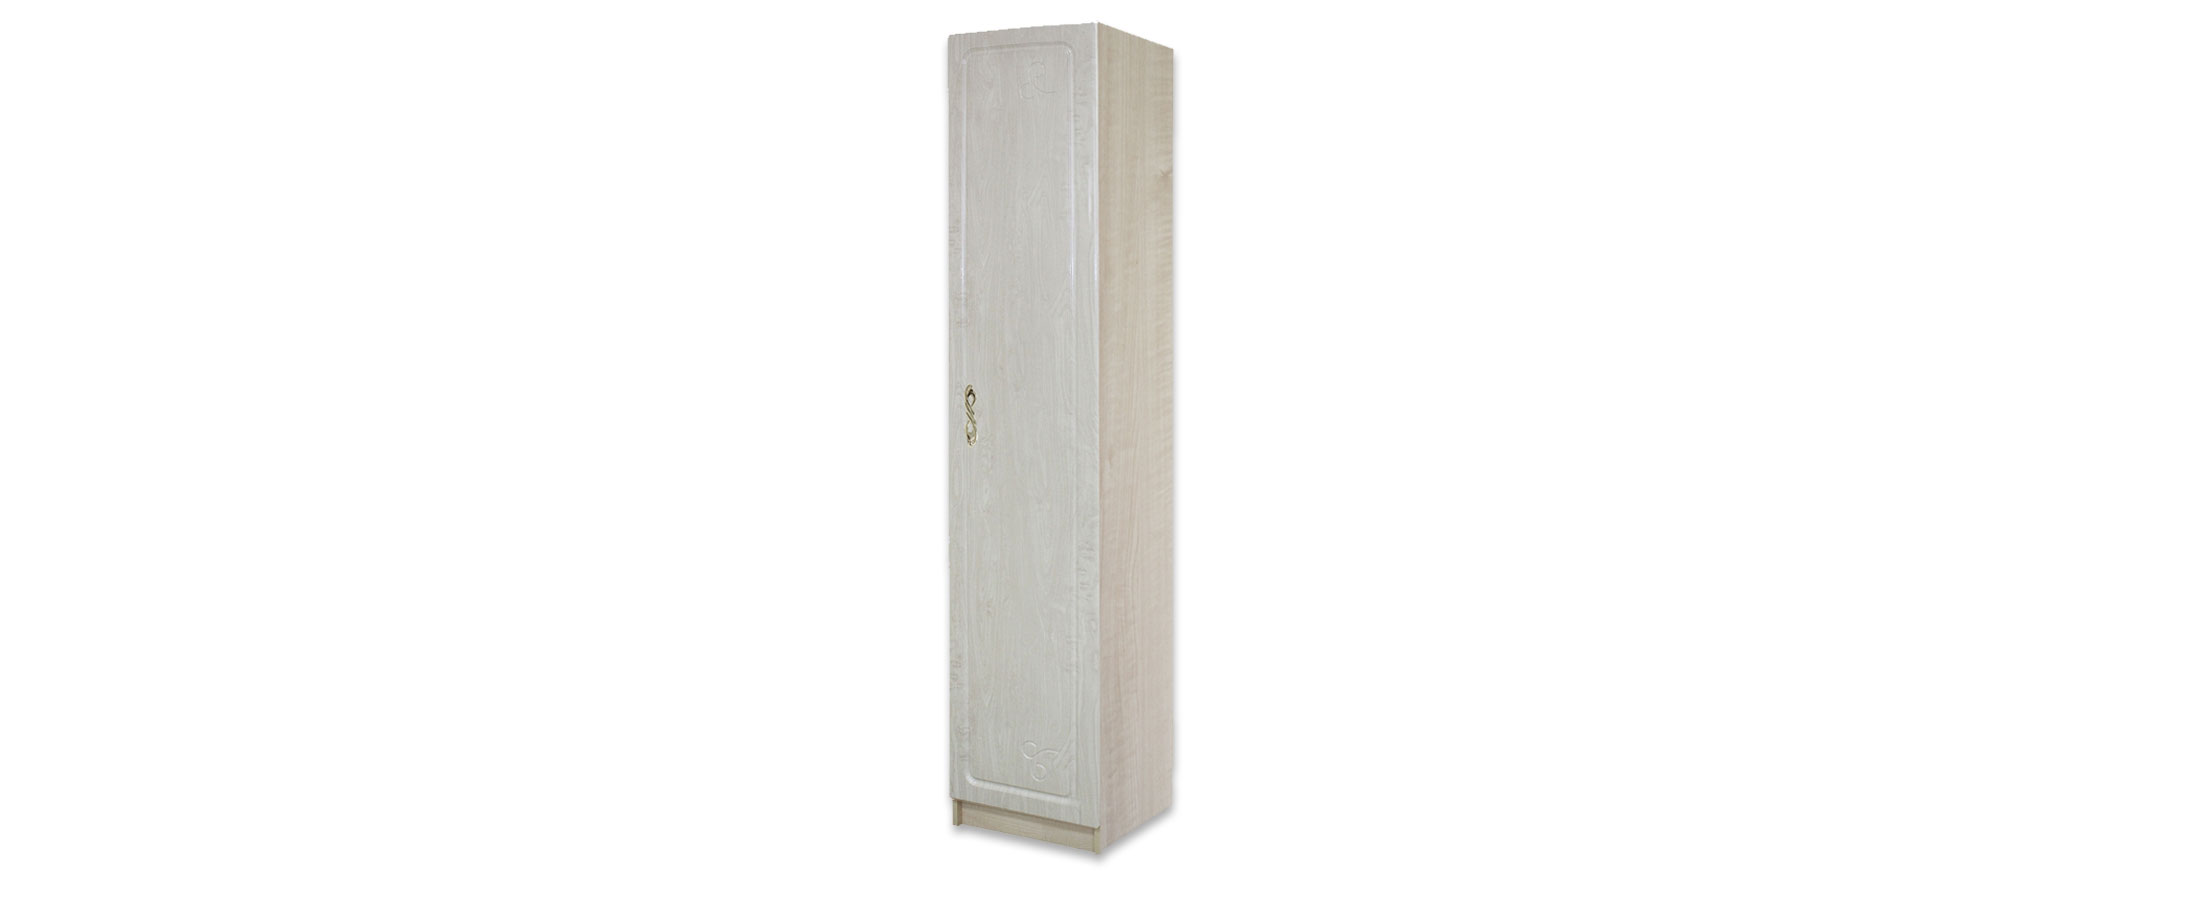 Шкаф 1-дверный Афина-4 Клен Модель 509 от MOON TRADE